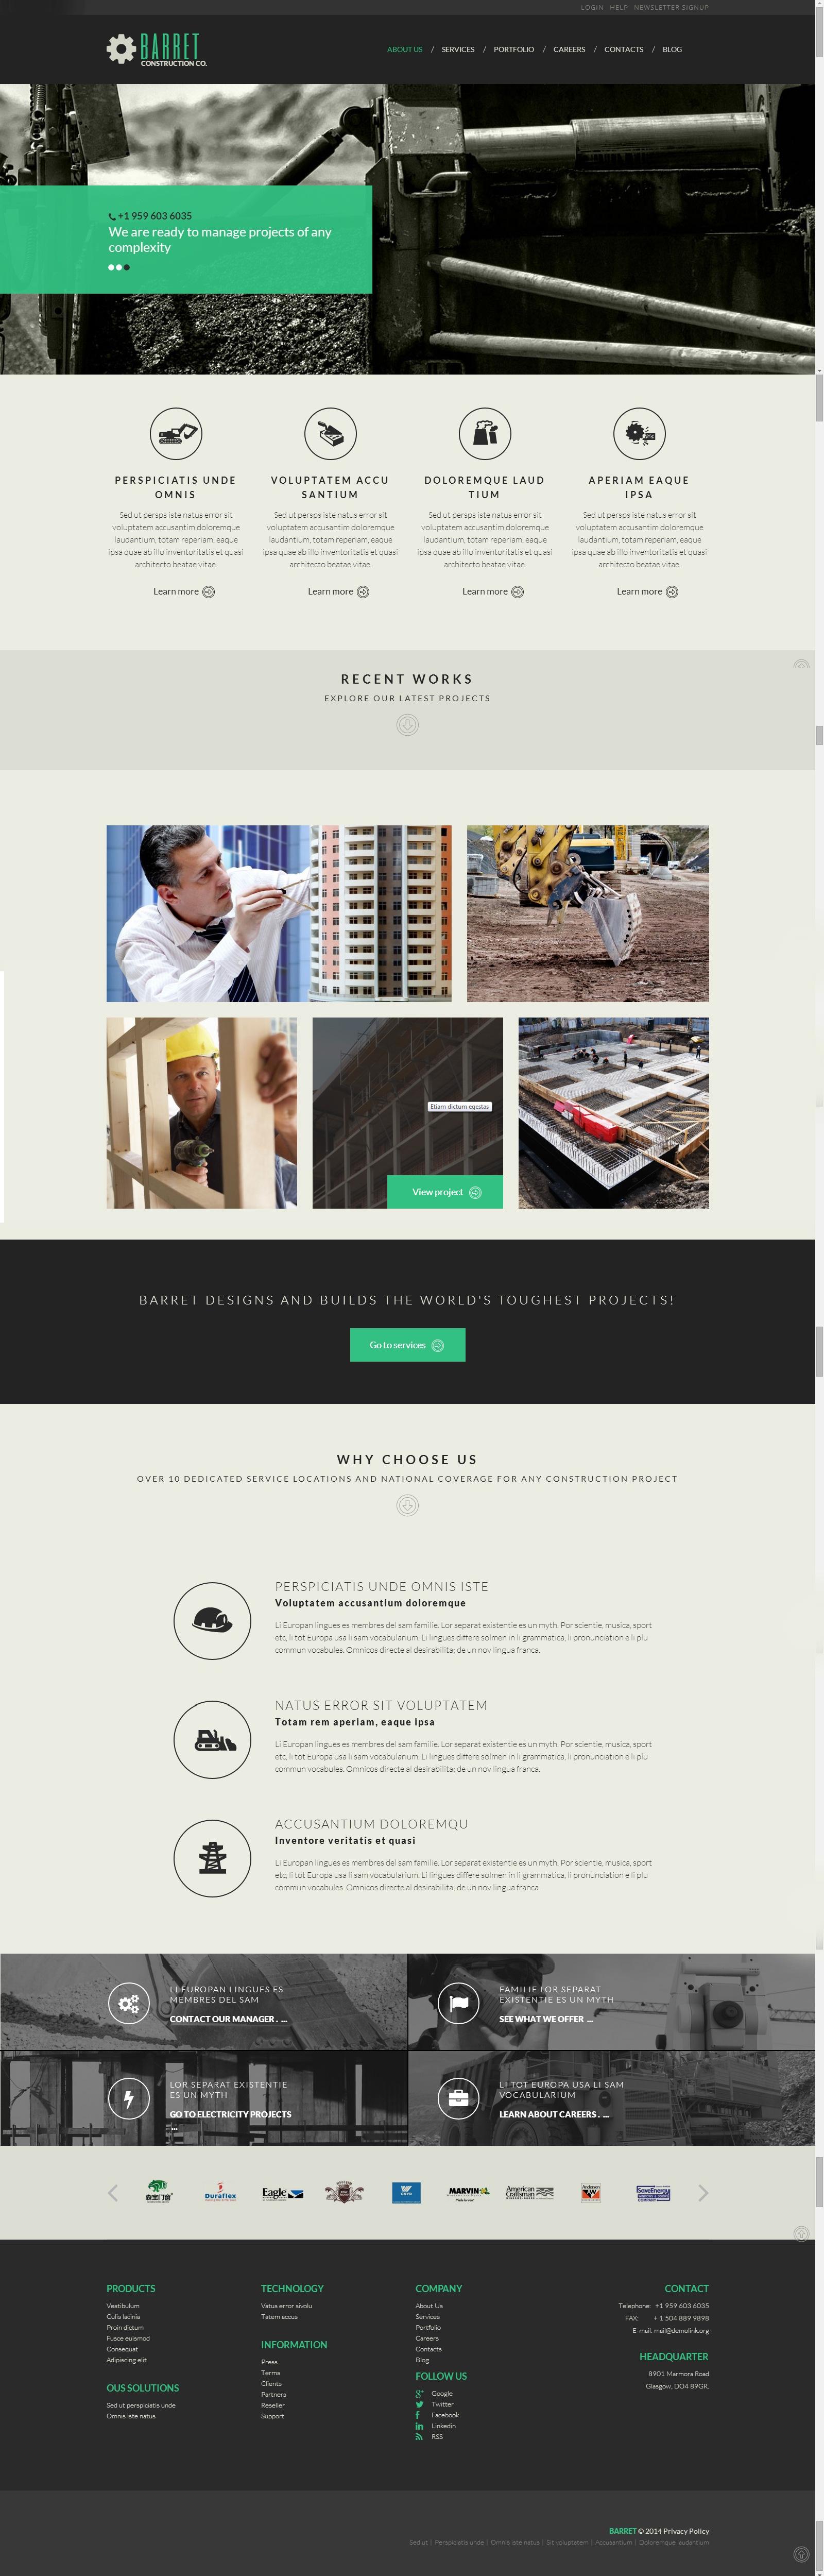 http://www.templatemonster.com/demo/52088.html | DESIGN | Pinterest